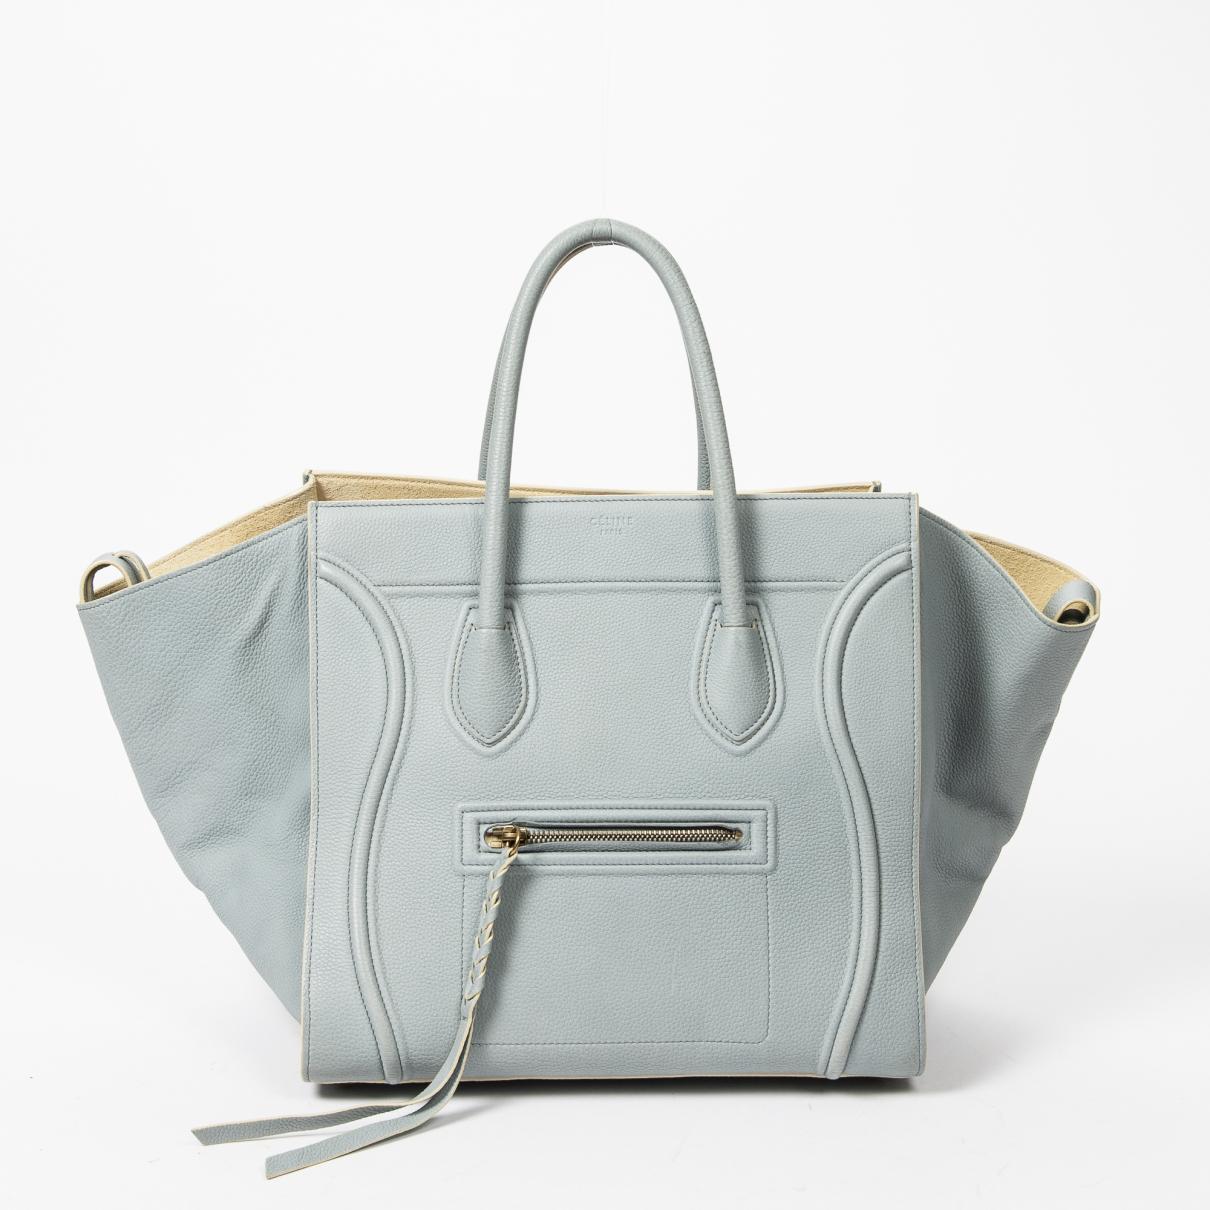 Celine - Sac a main Luggage Phantom pour femme en cuir